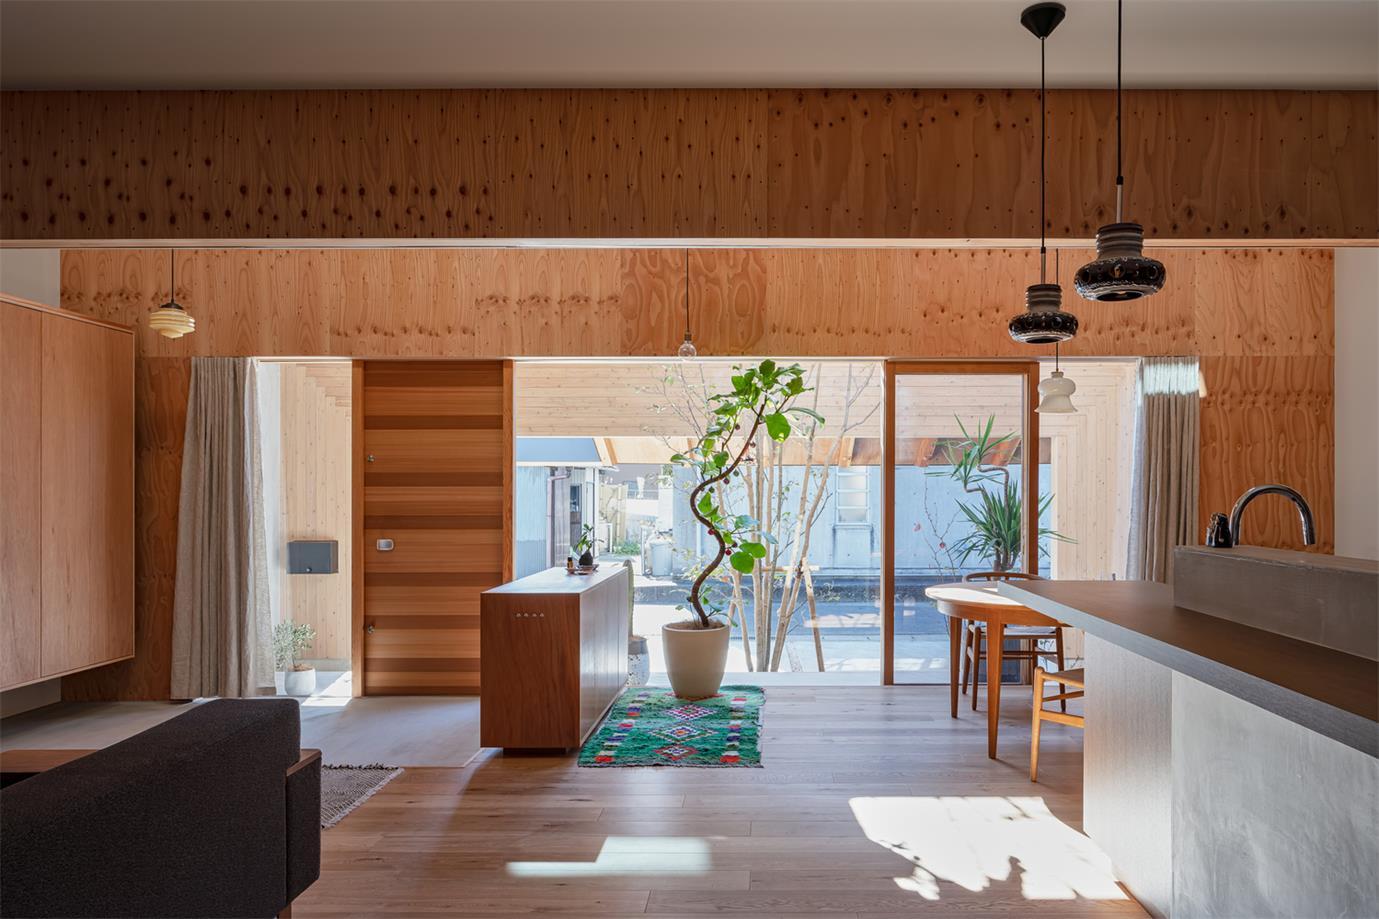 住宅一层客餐厅设计